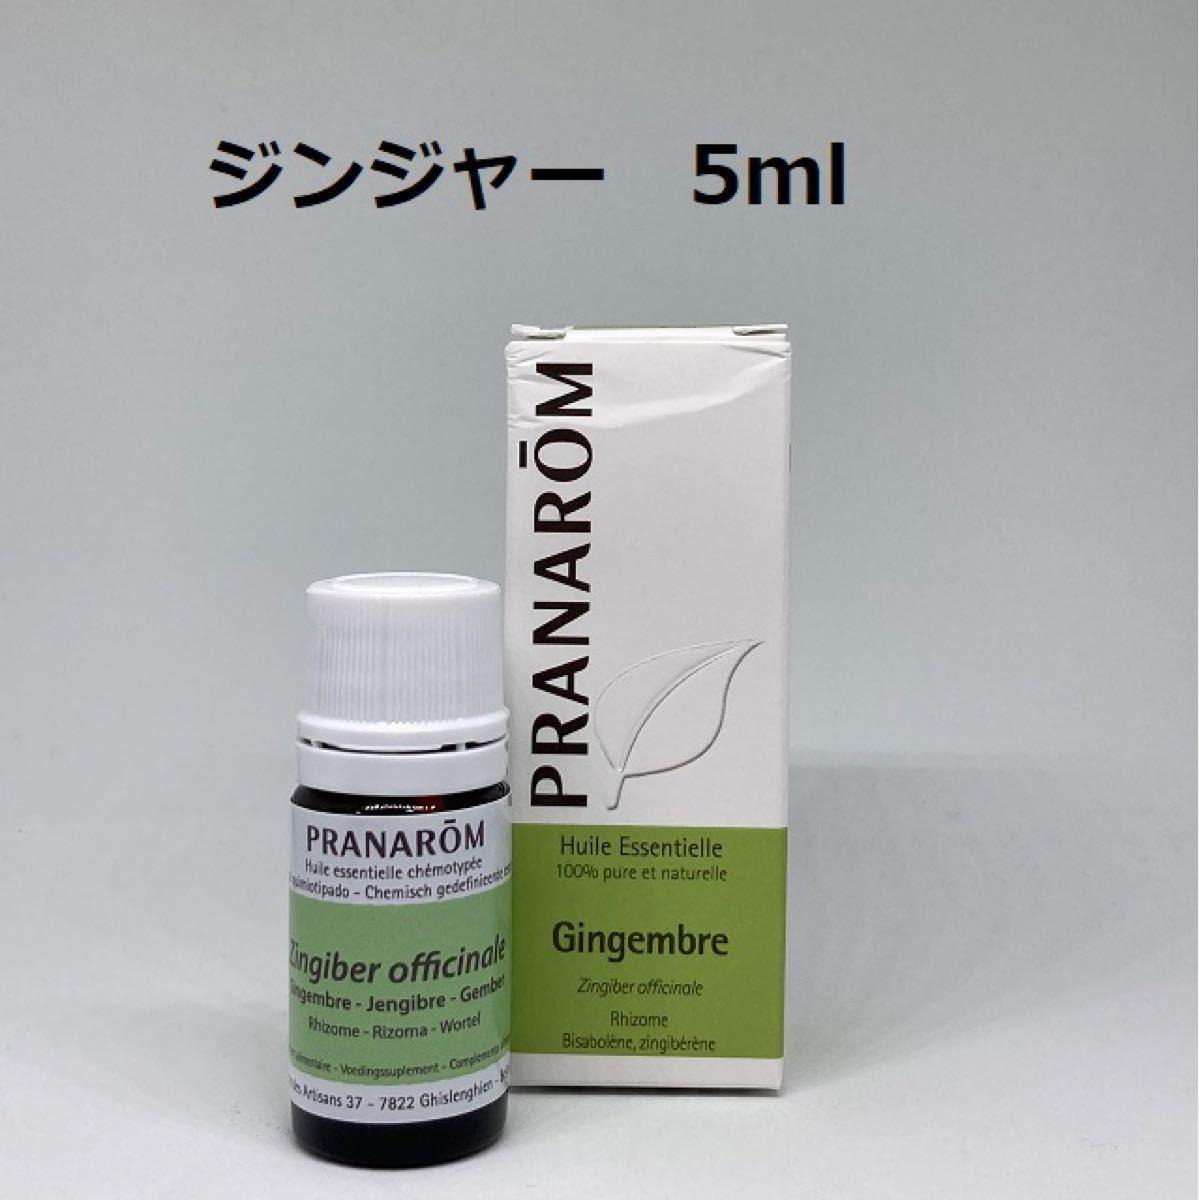 プラナロム ジンジャー 5ml 精油 PRANAROM